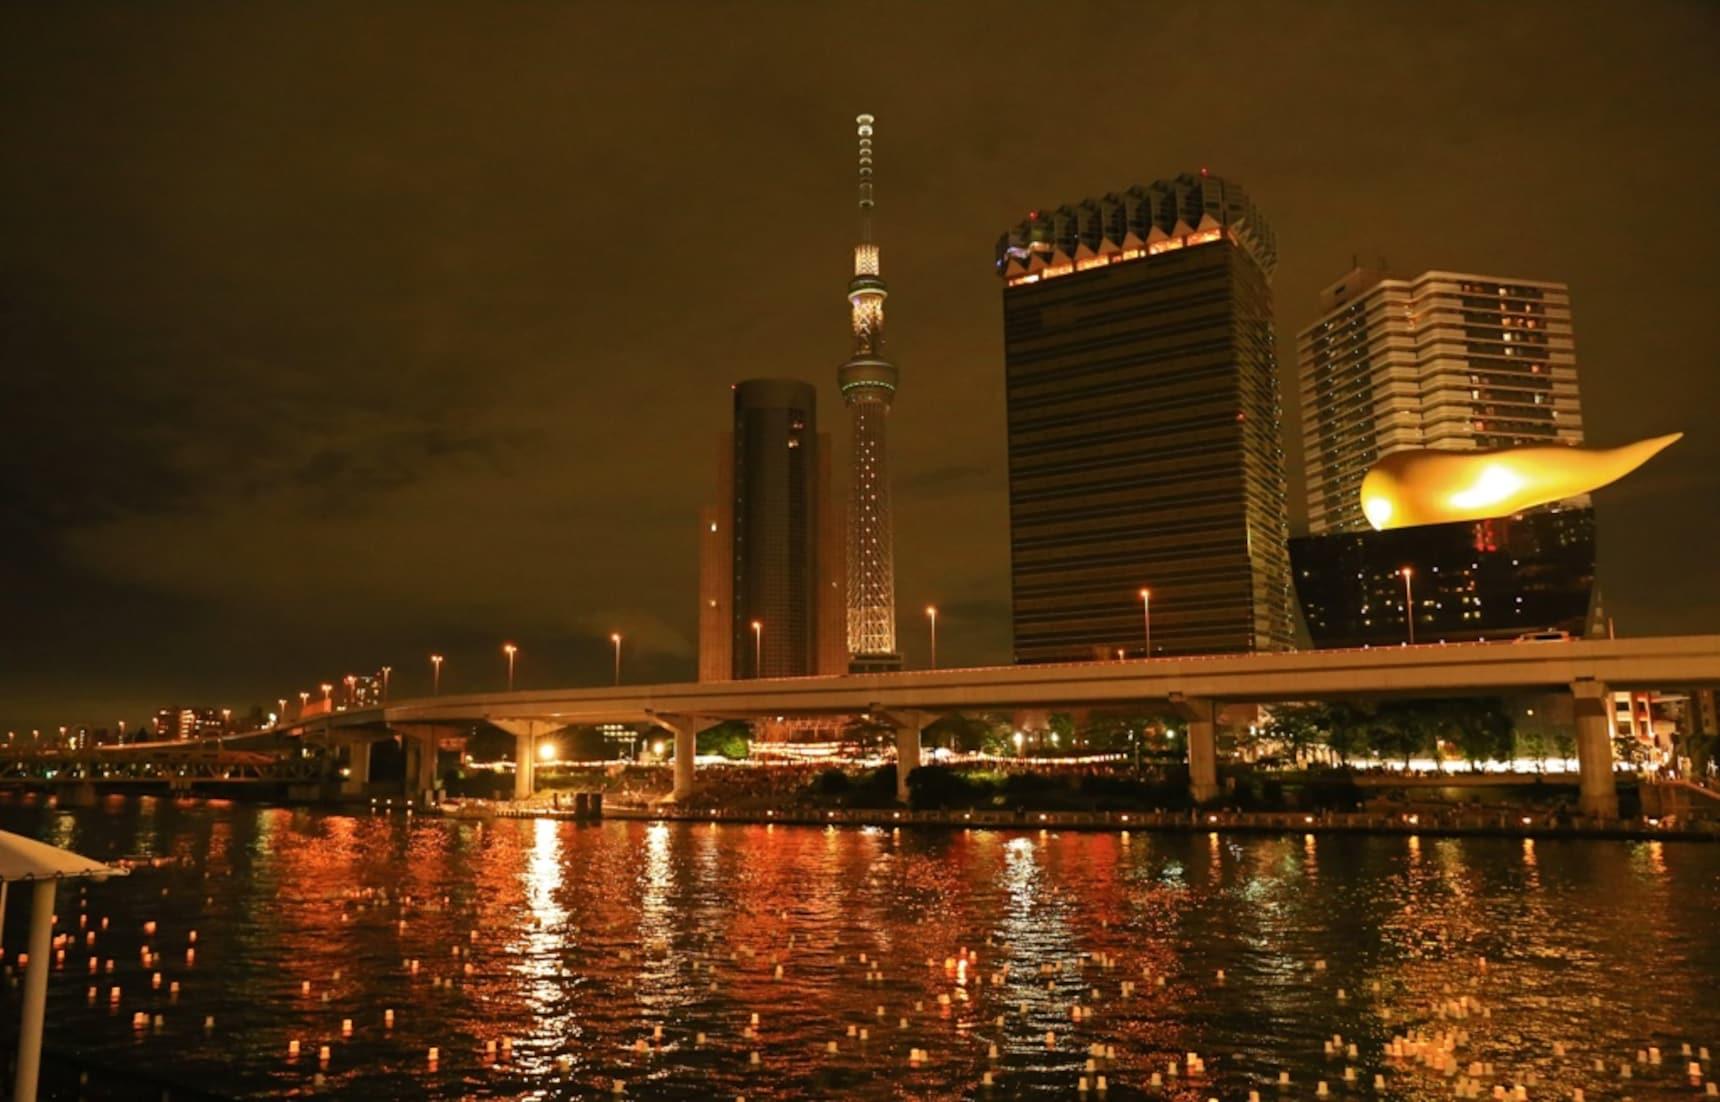 【2019年最新版】換上浴衣擠爆電車也想參加的7大東京夏日祭典